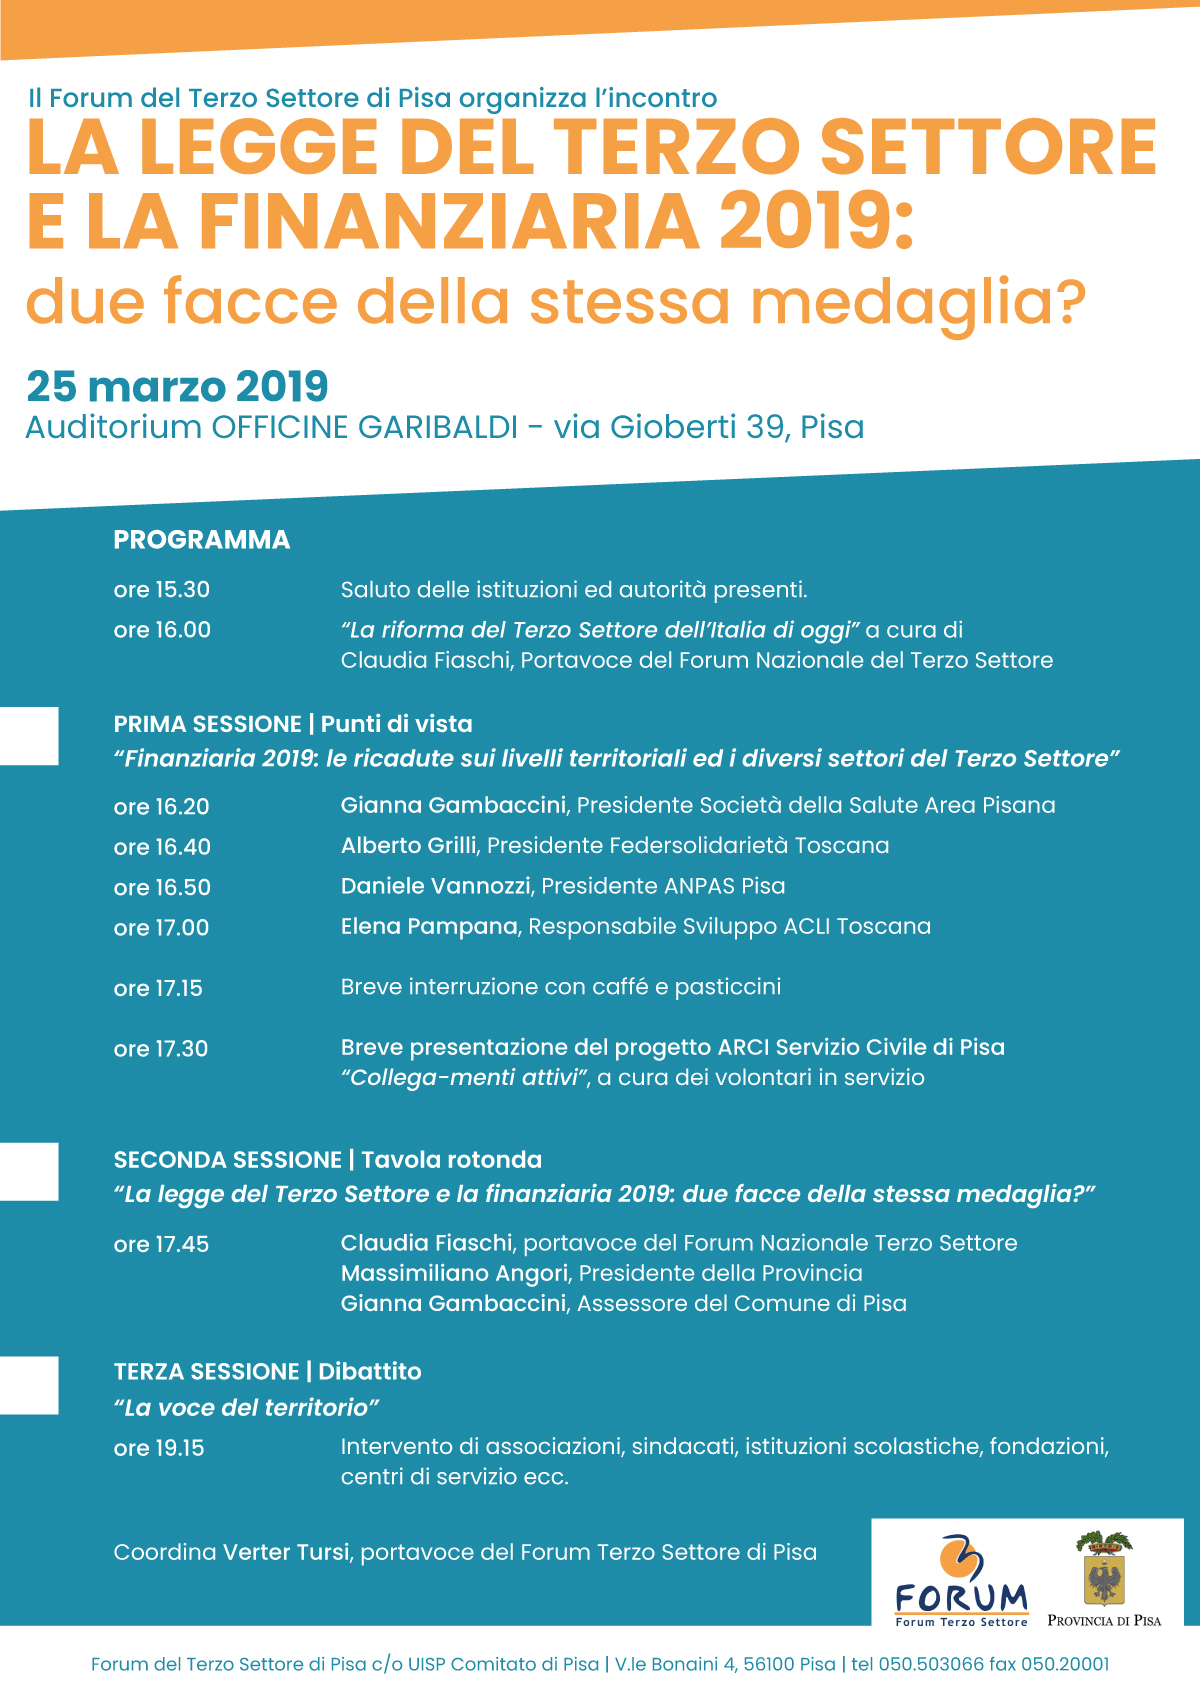 Forum-Terzo-Settore_25marzo19(1)